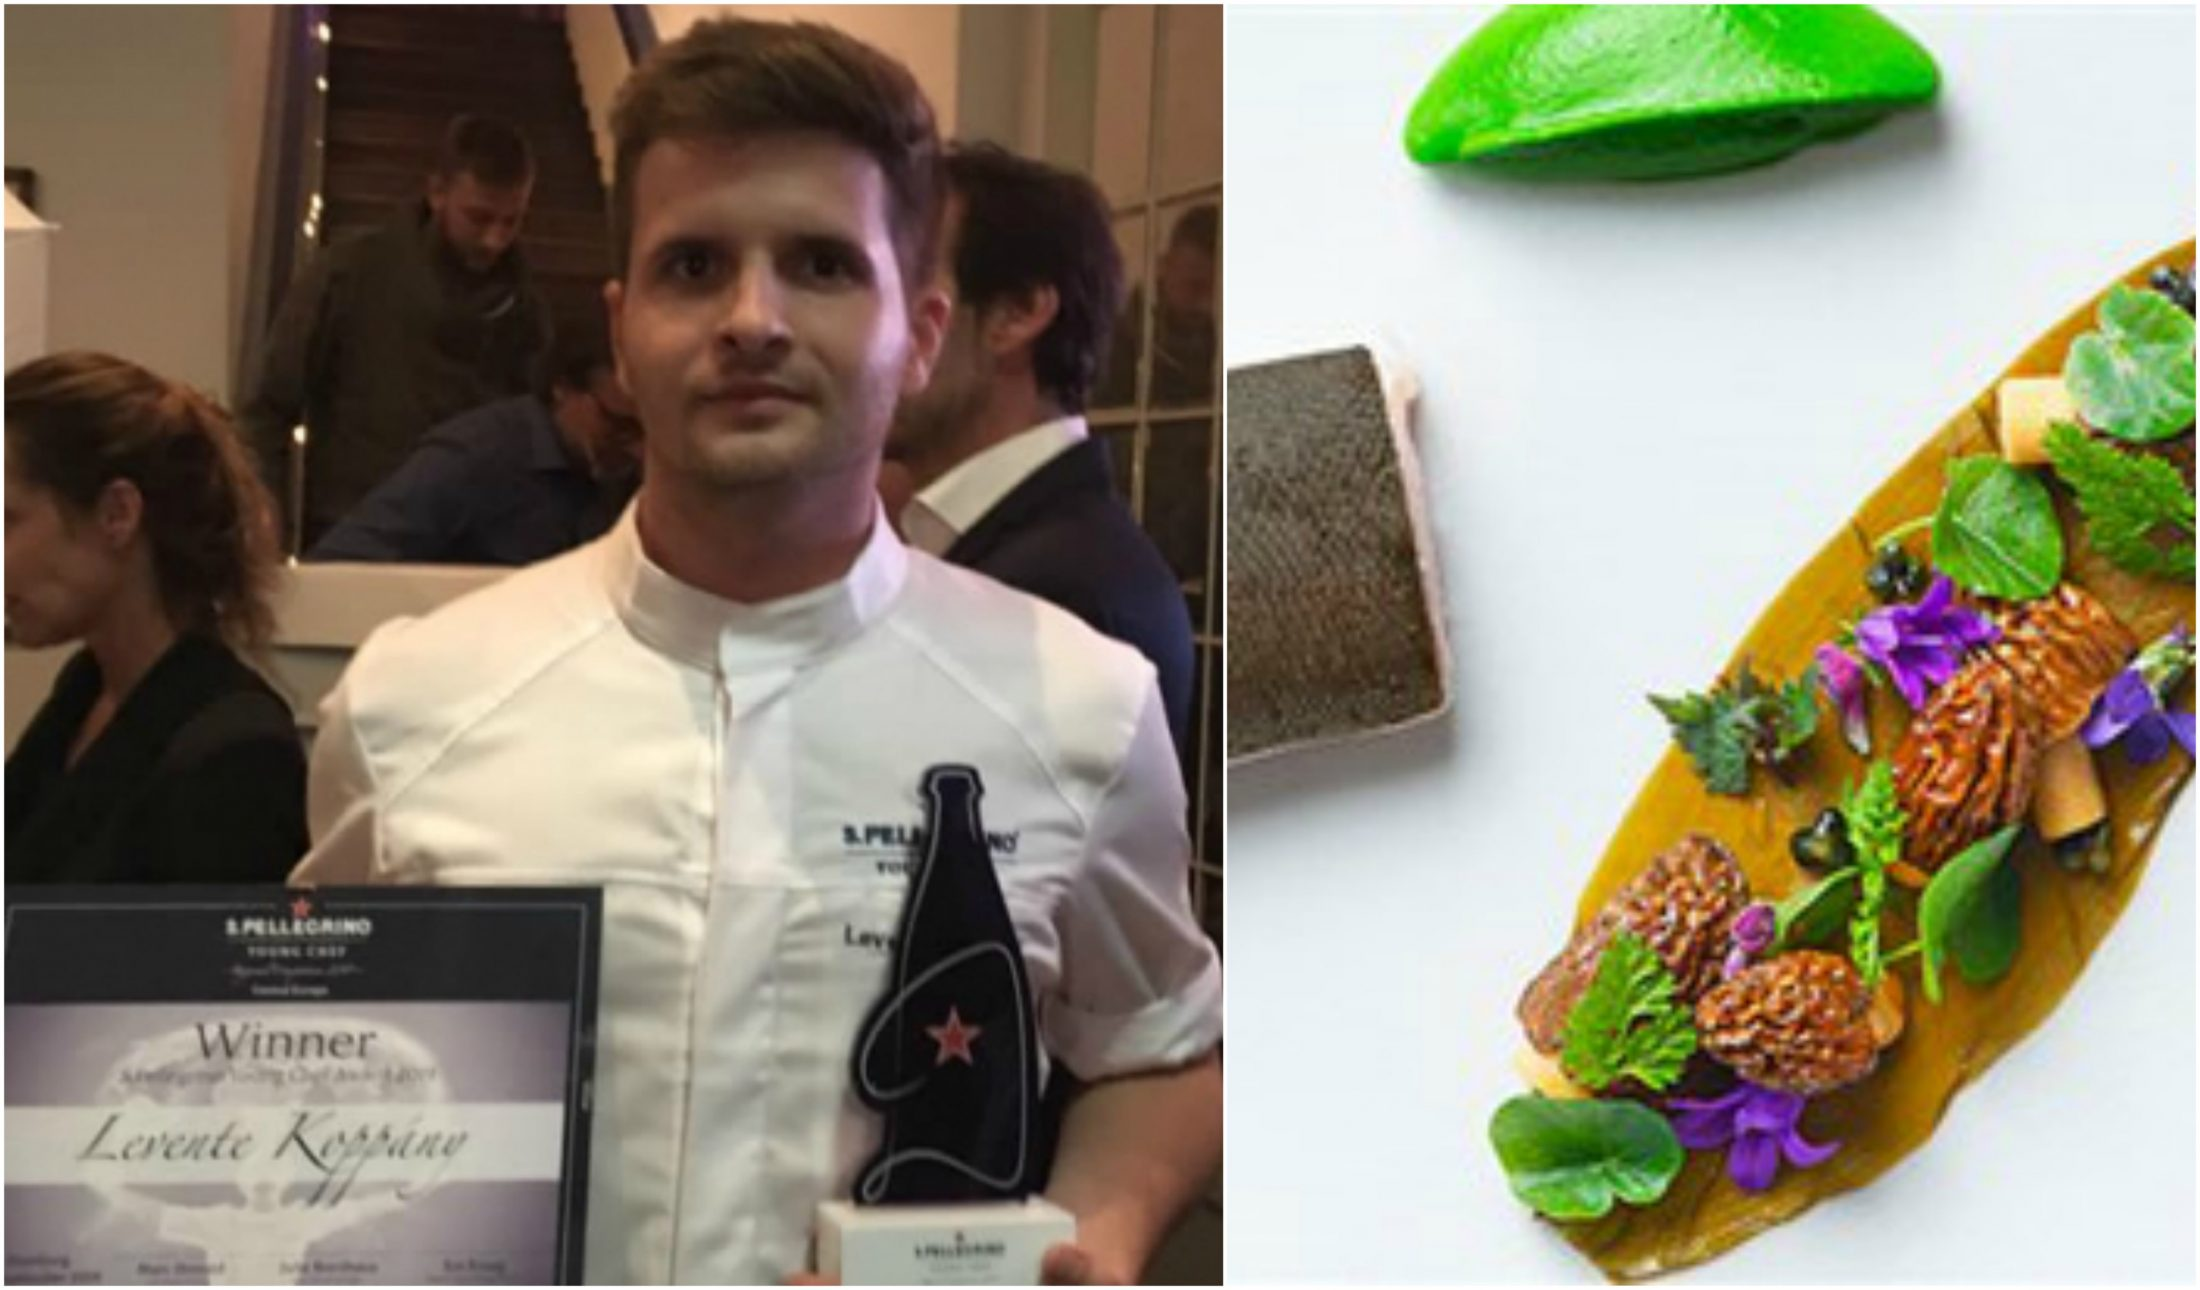 Új reménység: Koppány Levente megnyerte a a S.Pellegrino Young Chef regionális döntőjét! - Dining Guide